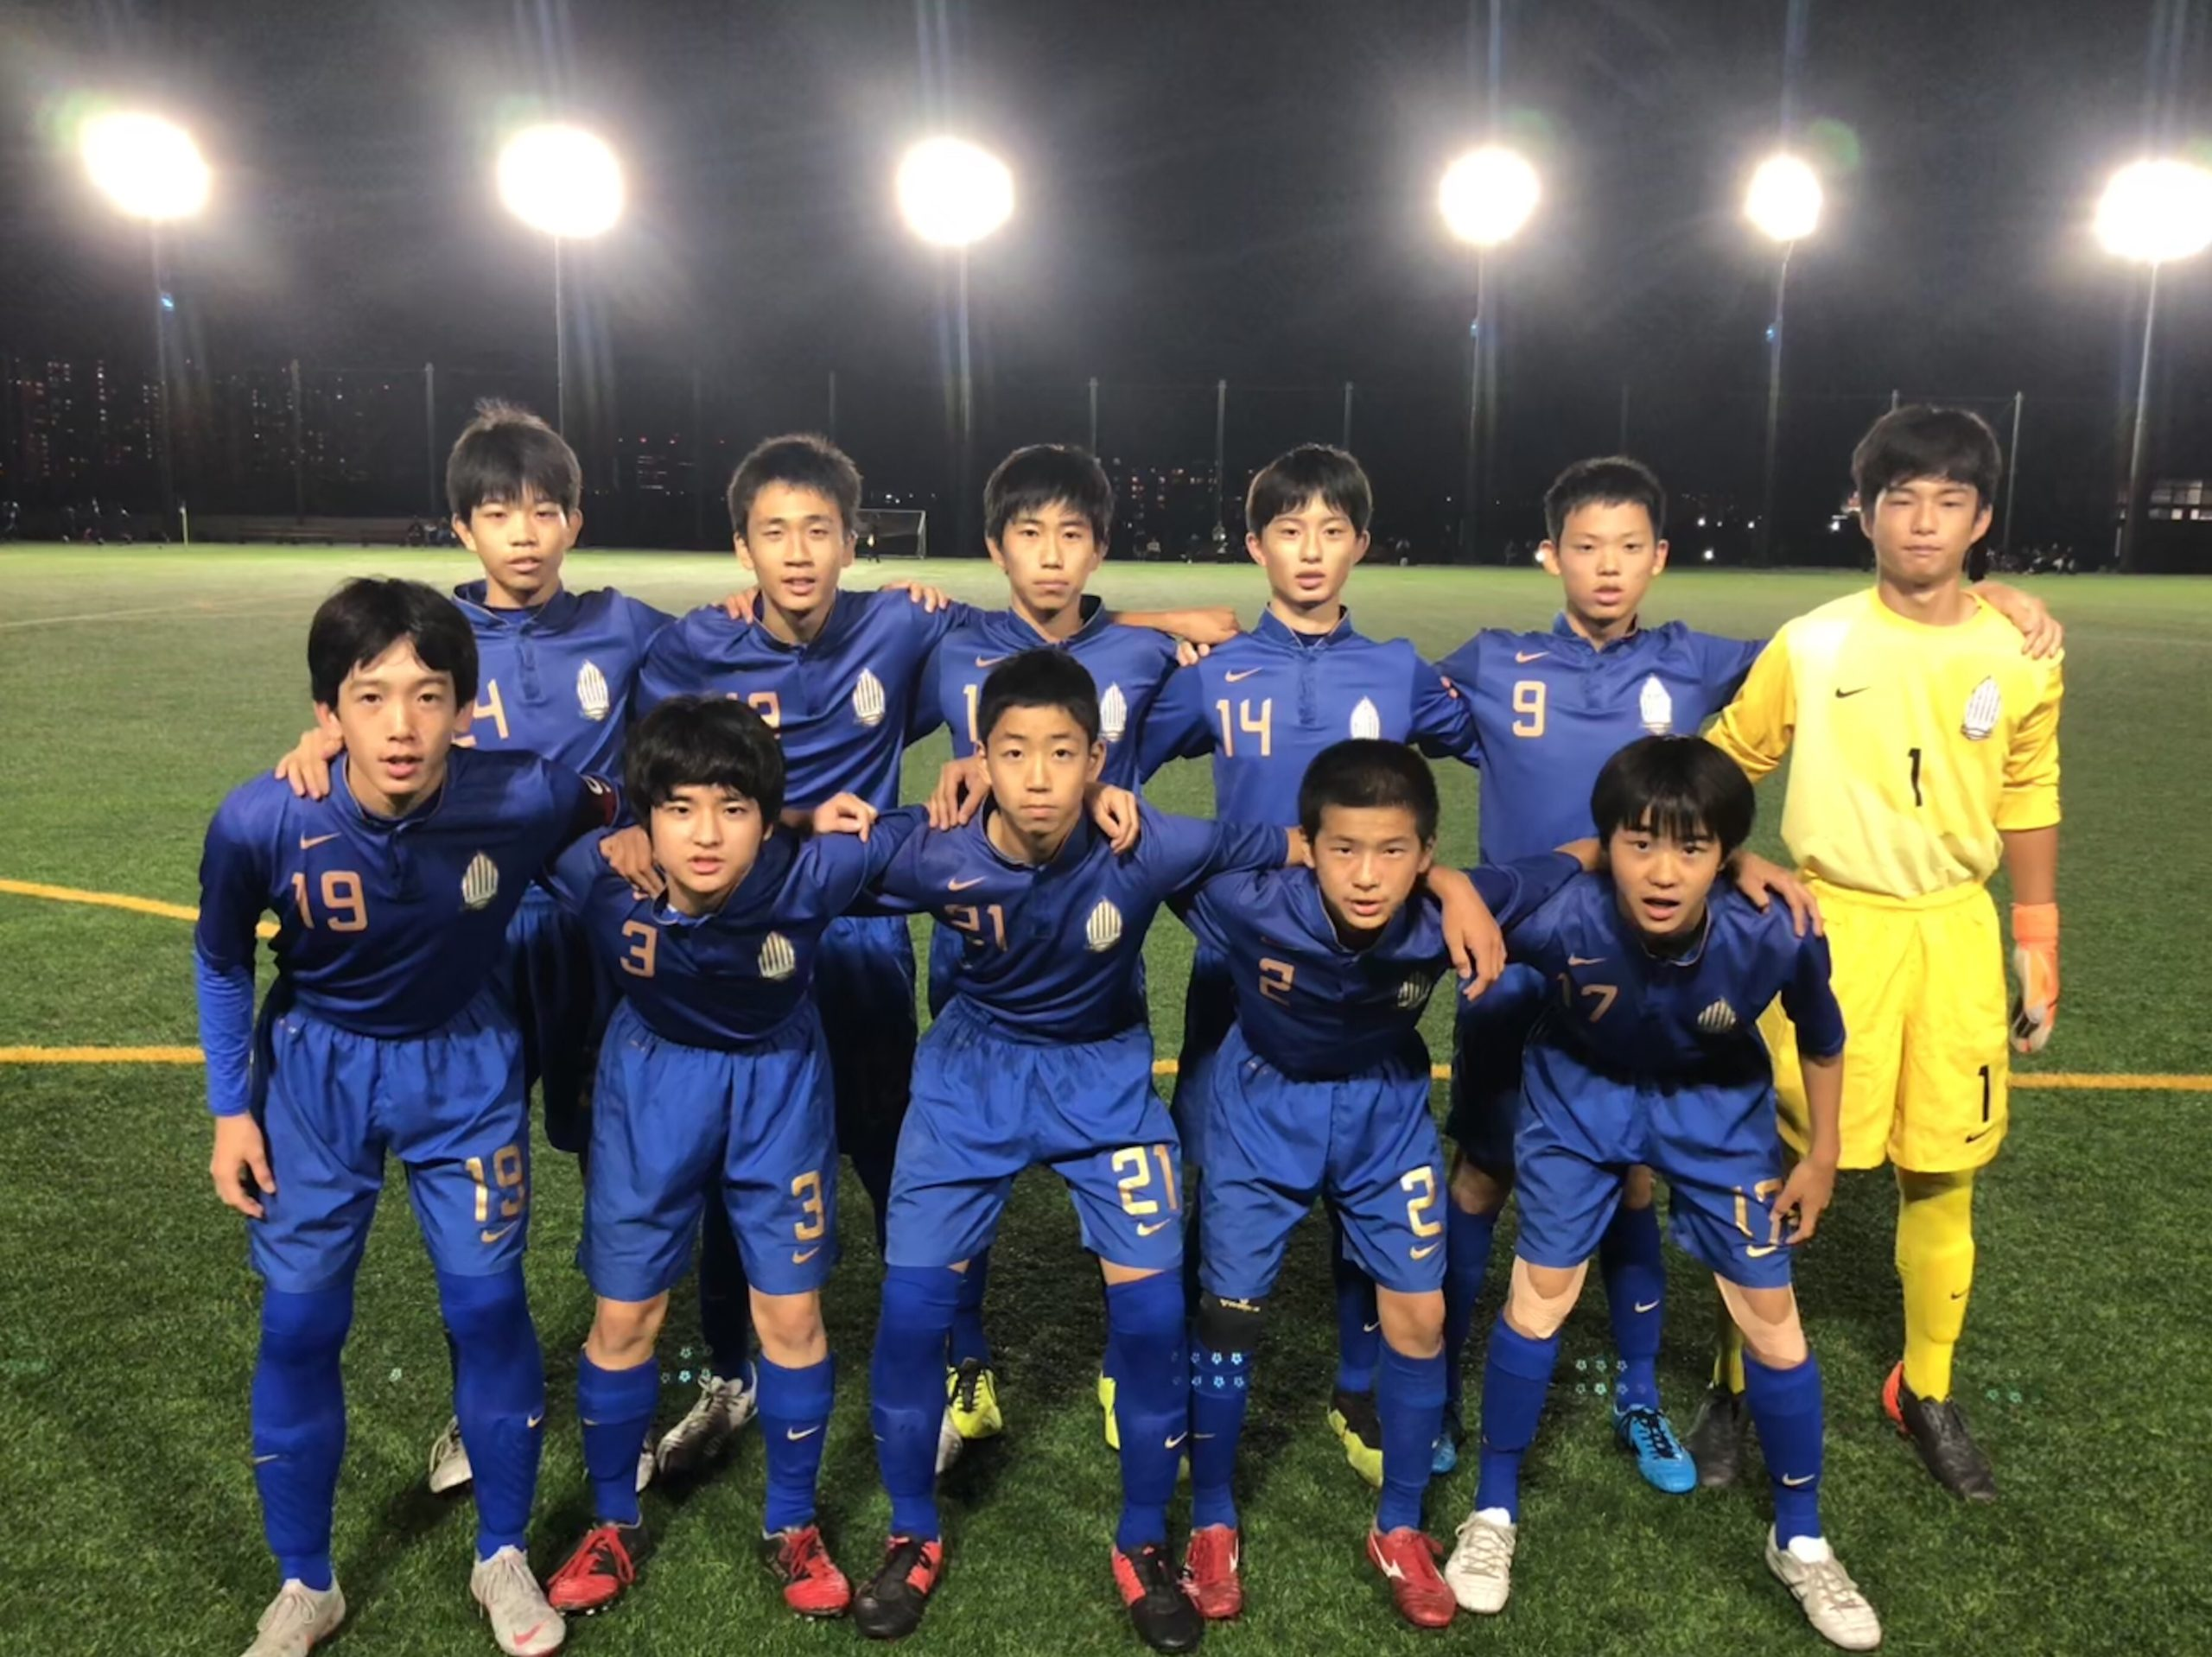 【U14】千葉県クラブユース(U-14)サッカーリーグ 第4節 結果